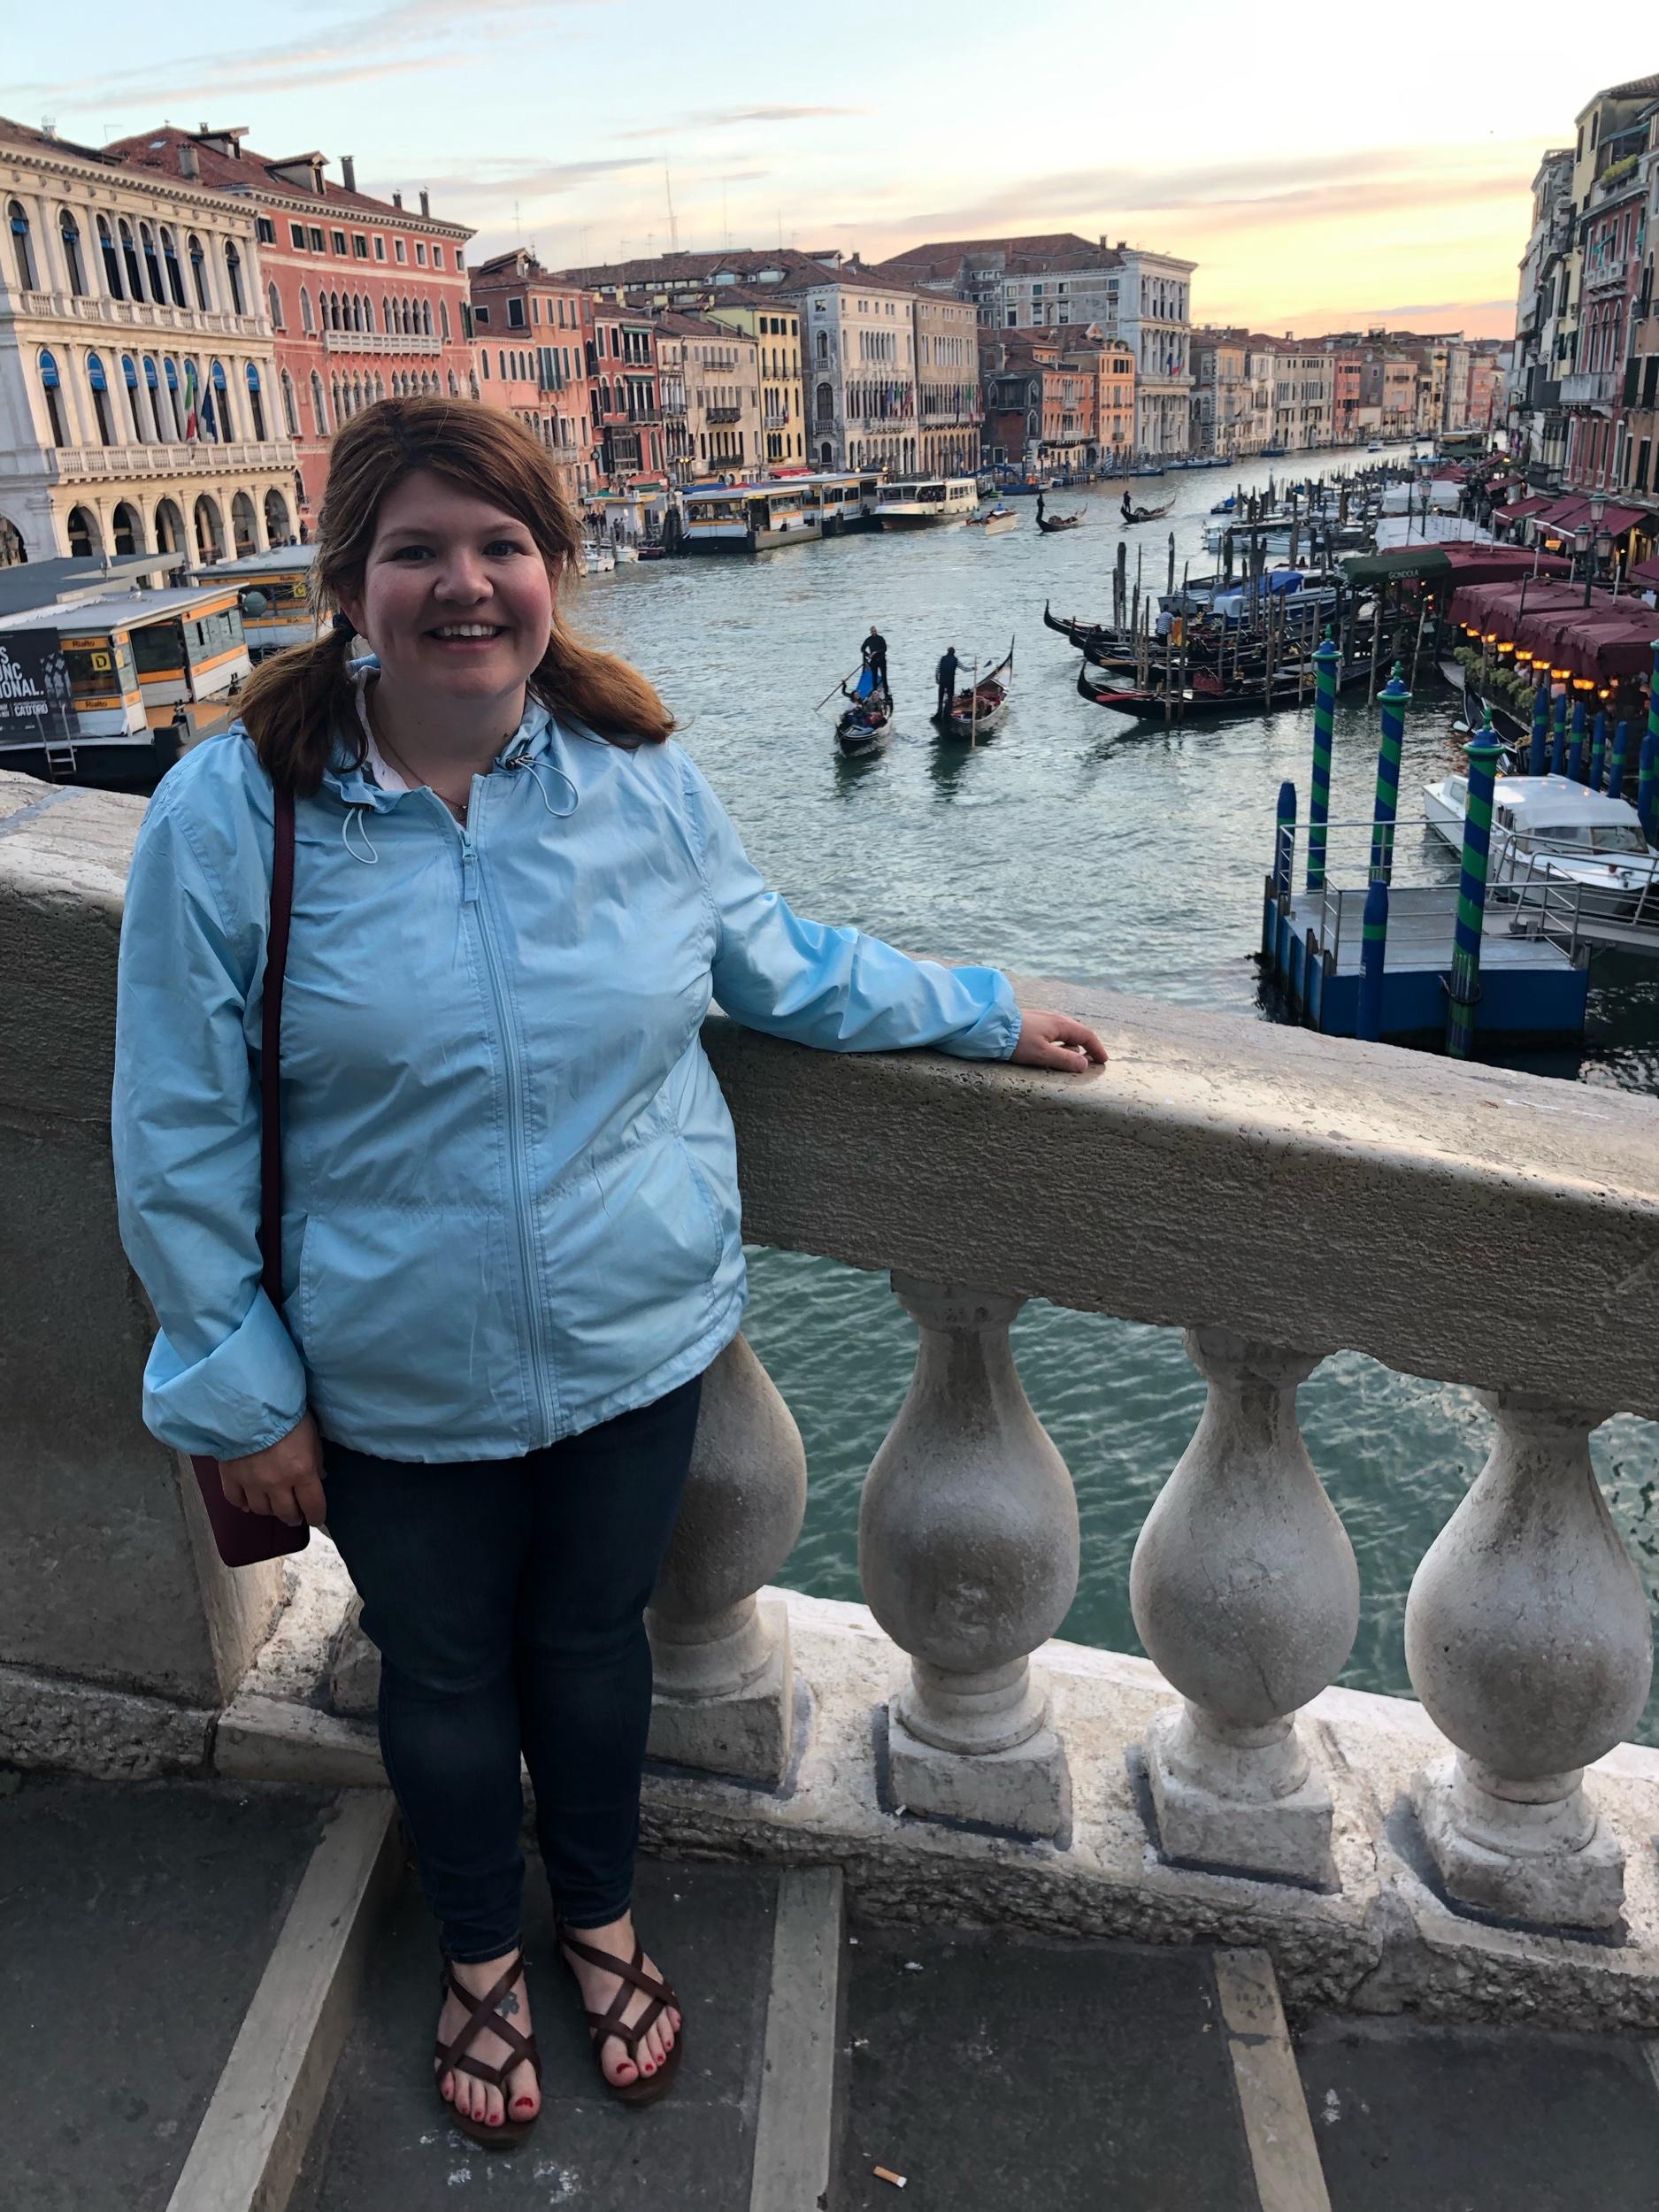 Hayley on the Rialto Bridge in Venice